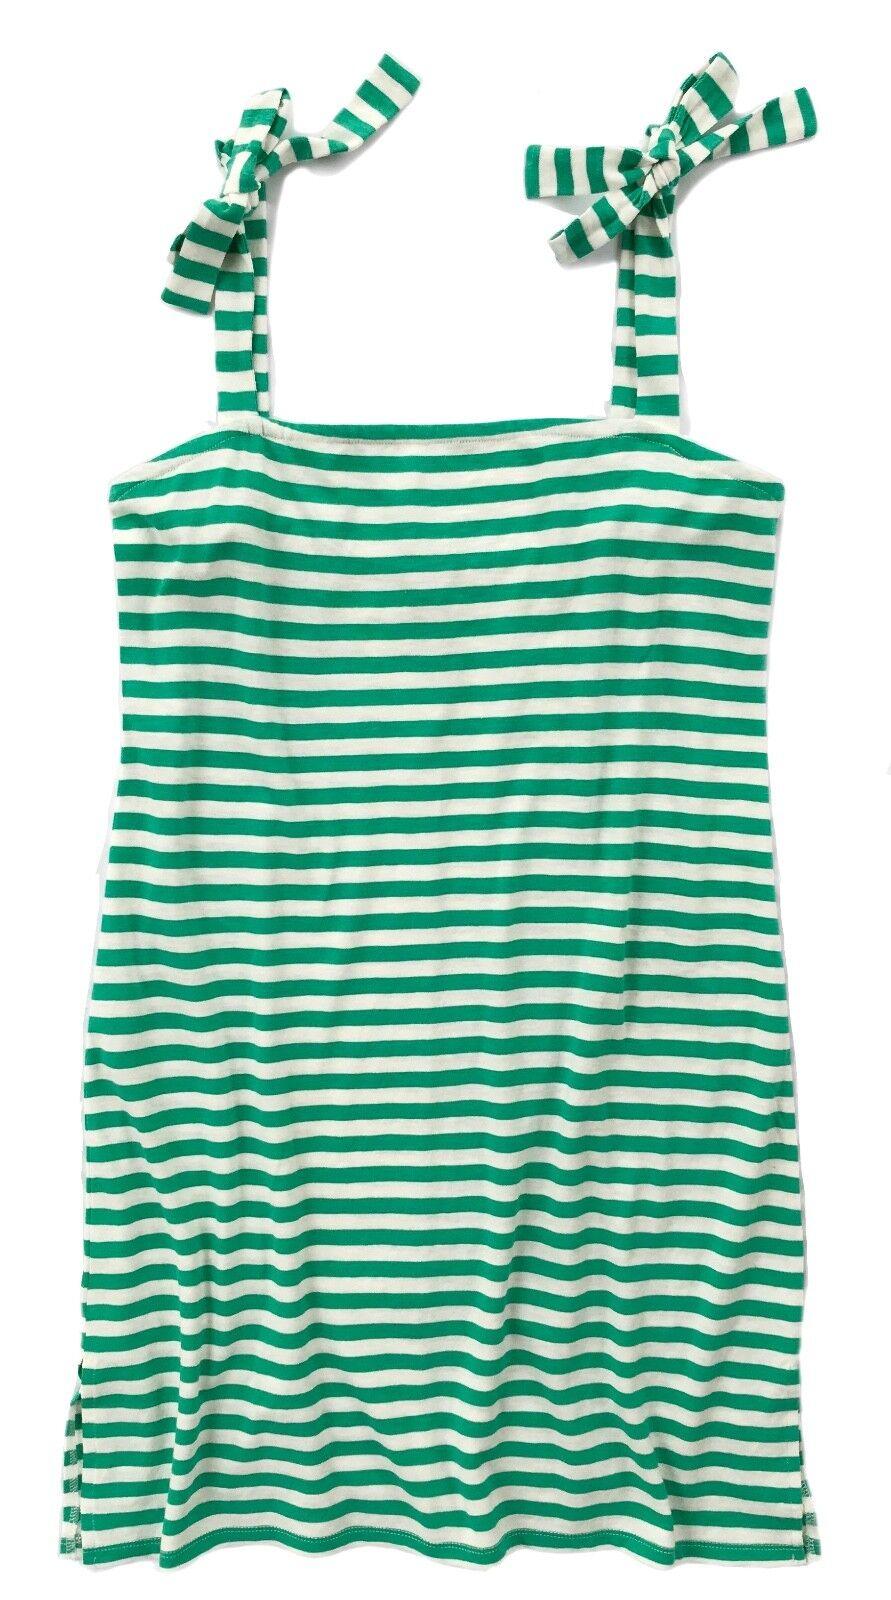 J Crew - Womens XXS - NWT - Green Ivory Beach Striped Tie-Shoulder Tank Dress